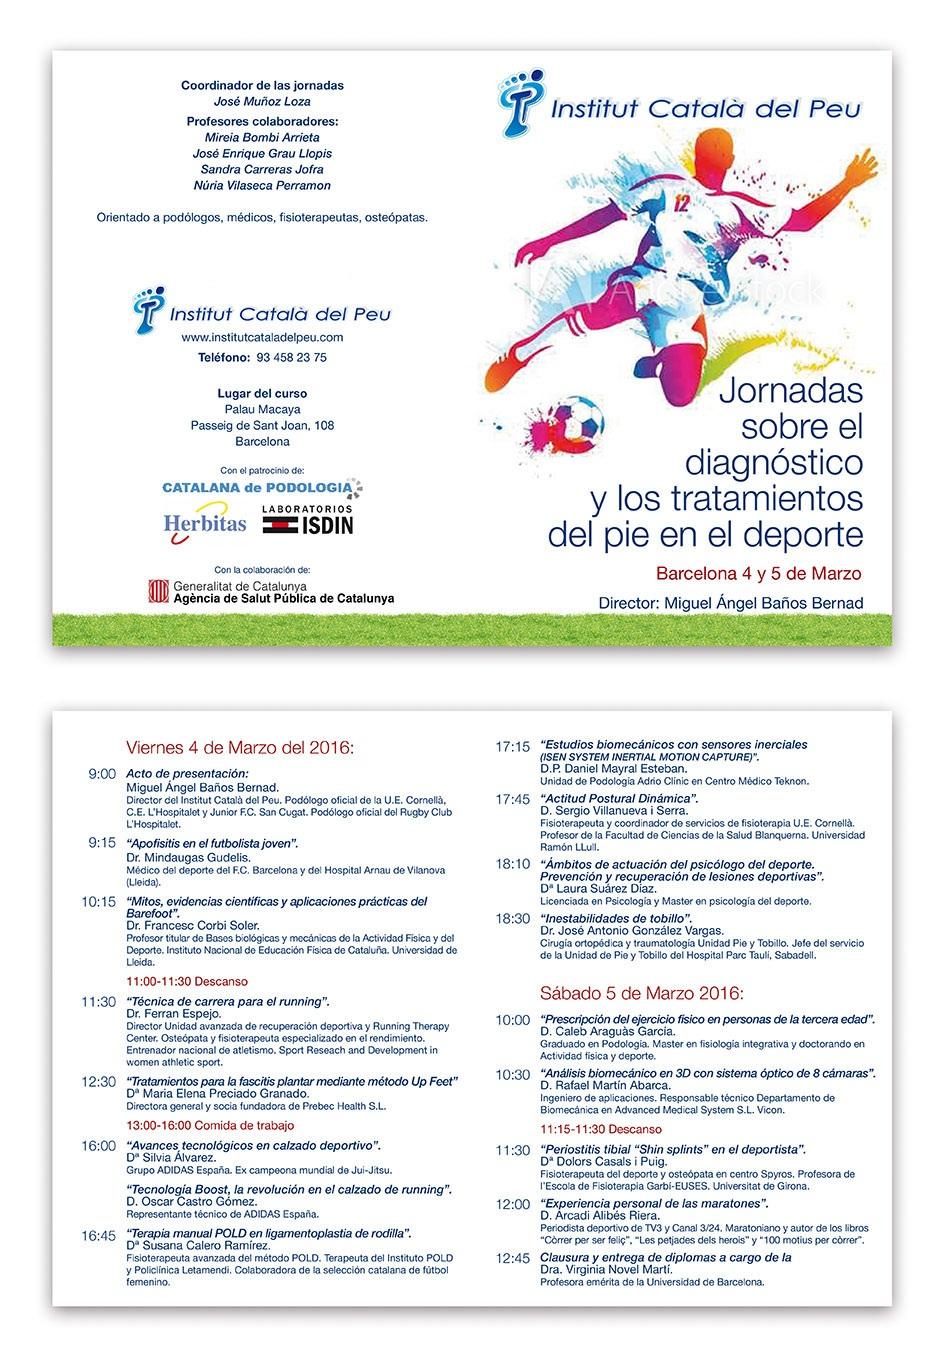 """El Institut Català del Peu organiza las """"Jornadas sobre el diagnóstico y los tratamientos del pie en el deporte"""" en Barcelona"""